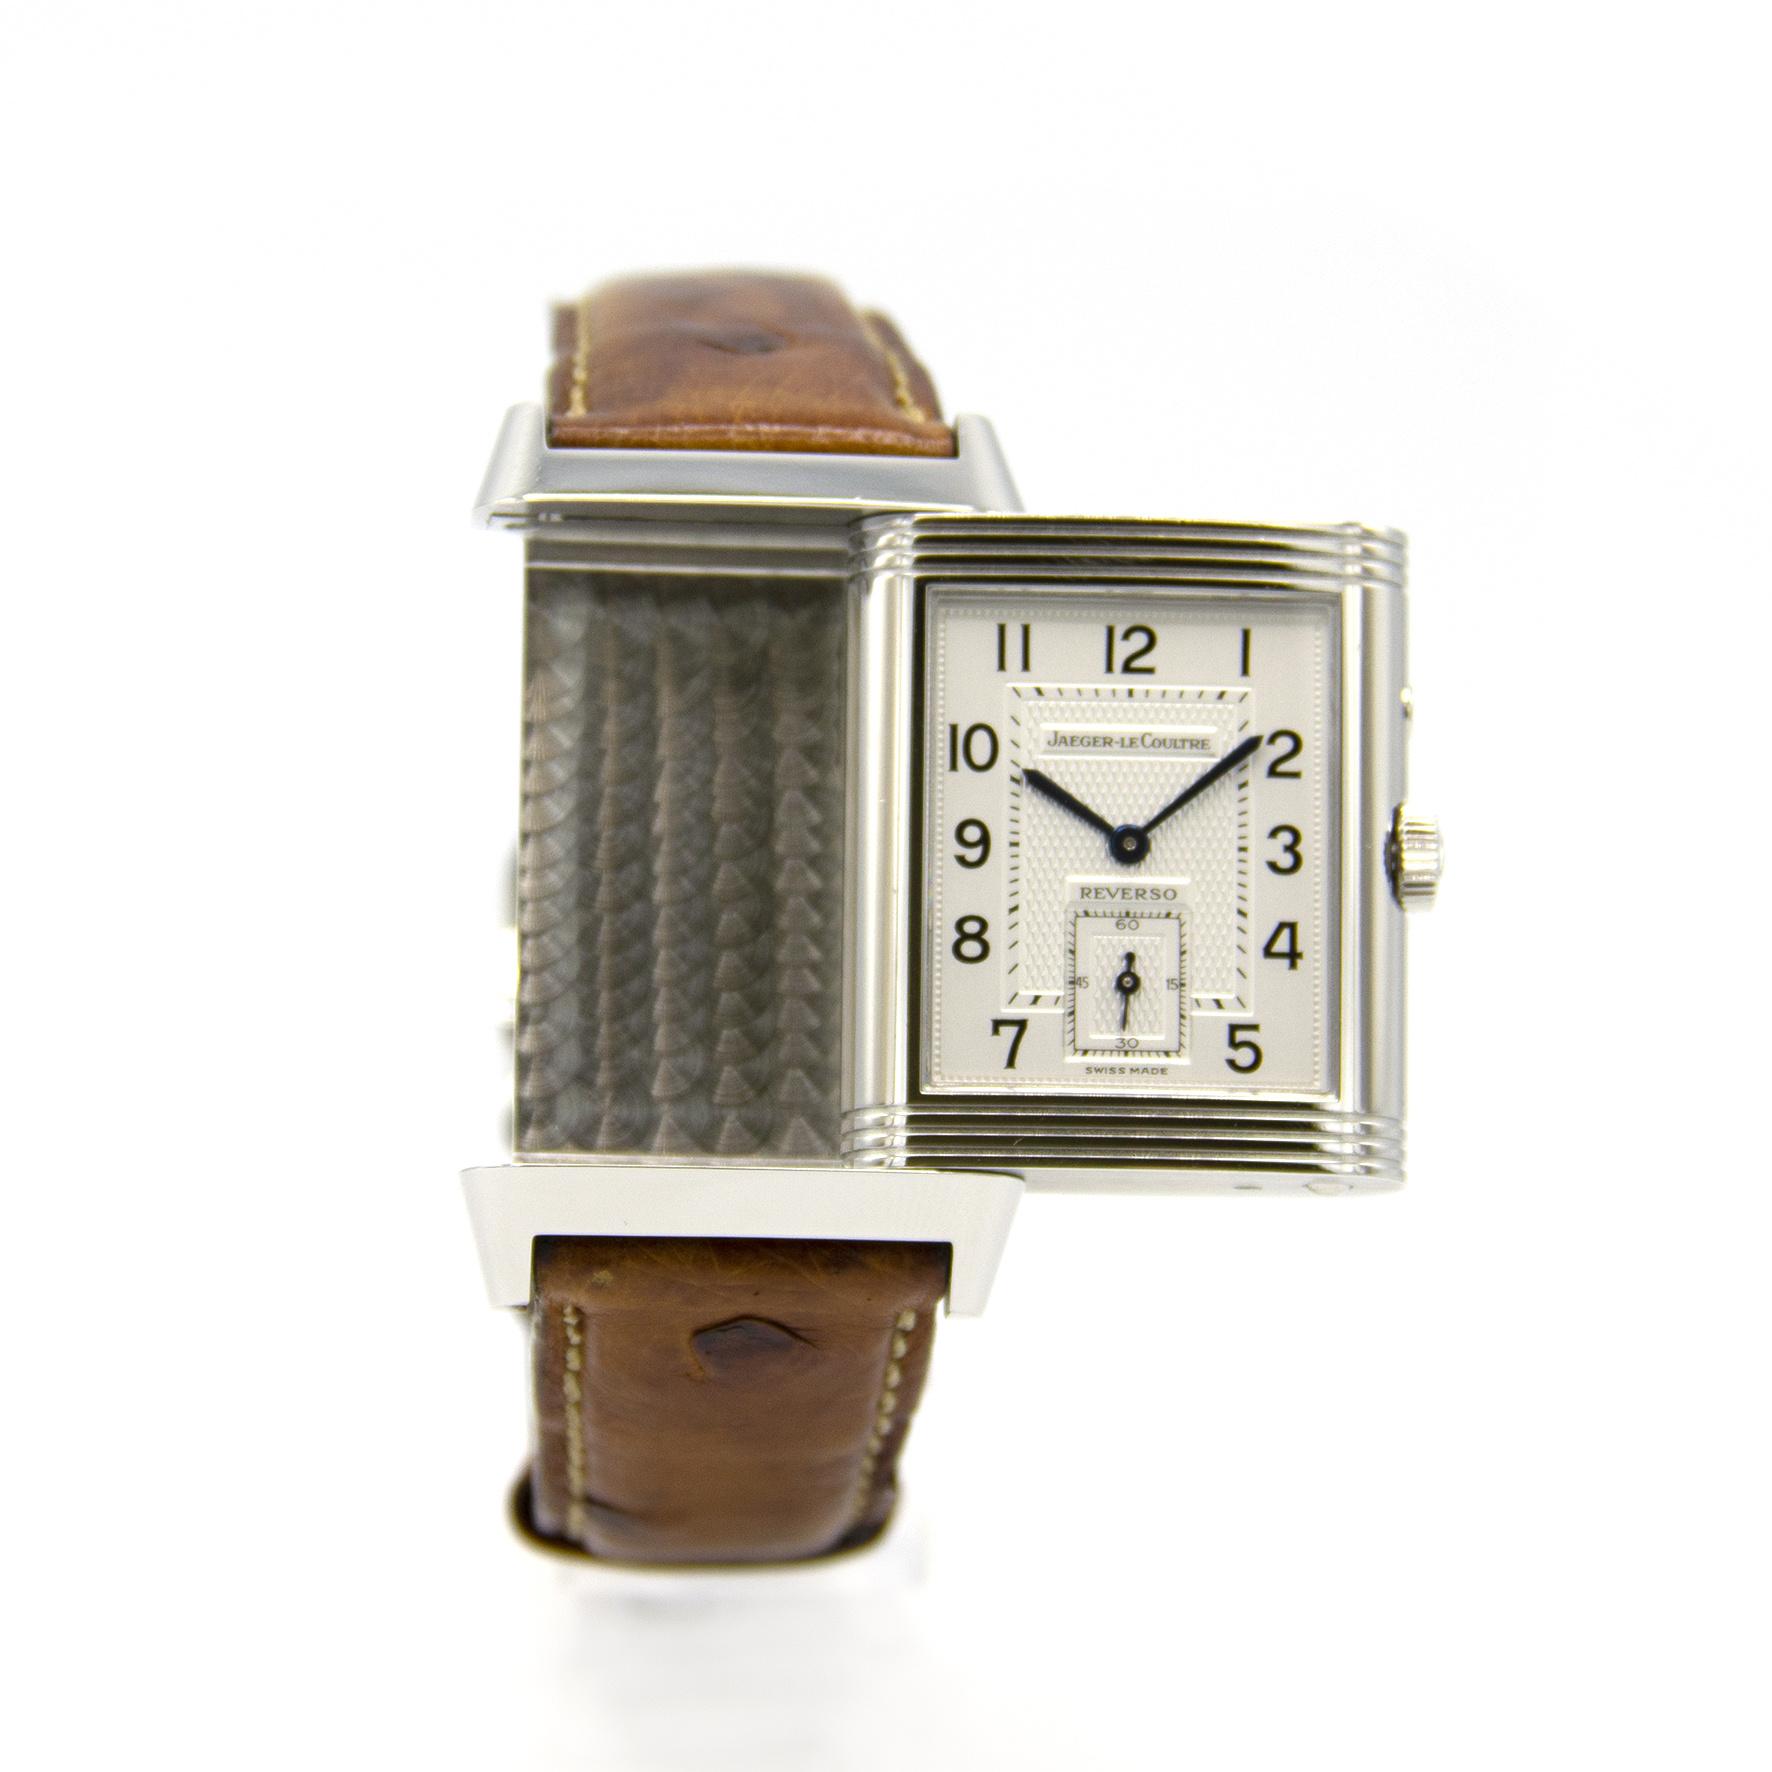 Jaeger-LeCoultre - Duo Face - Horloge Heren - 270.8.54-7